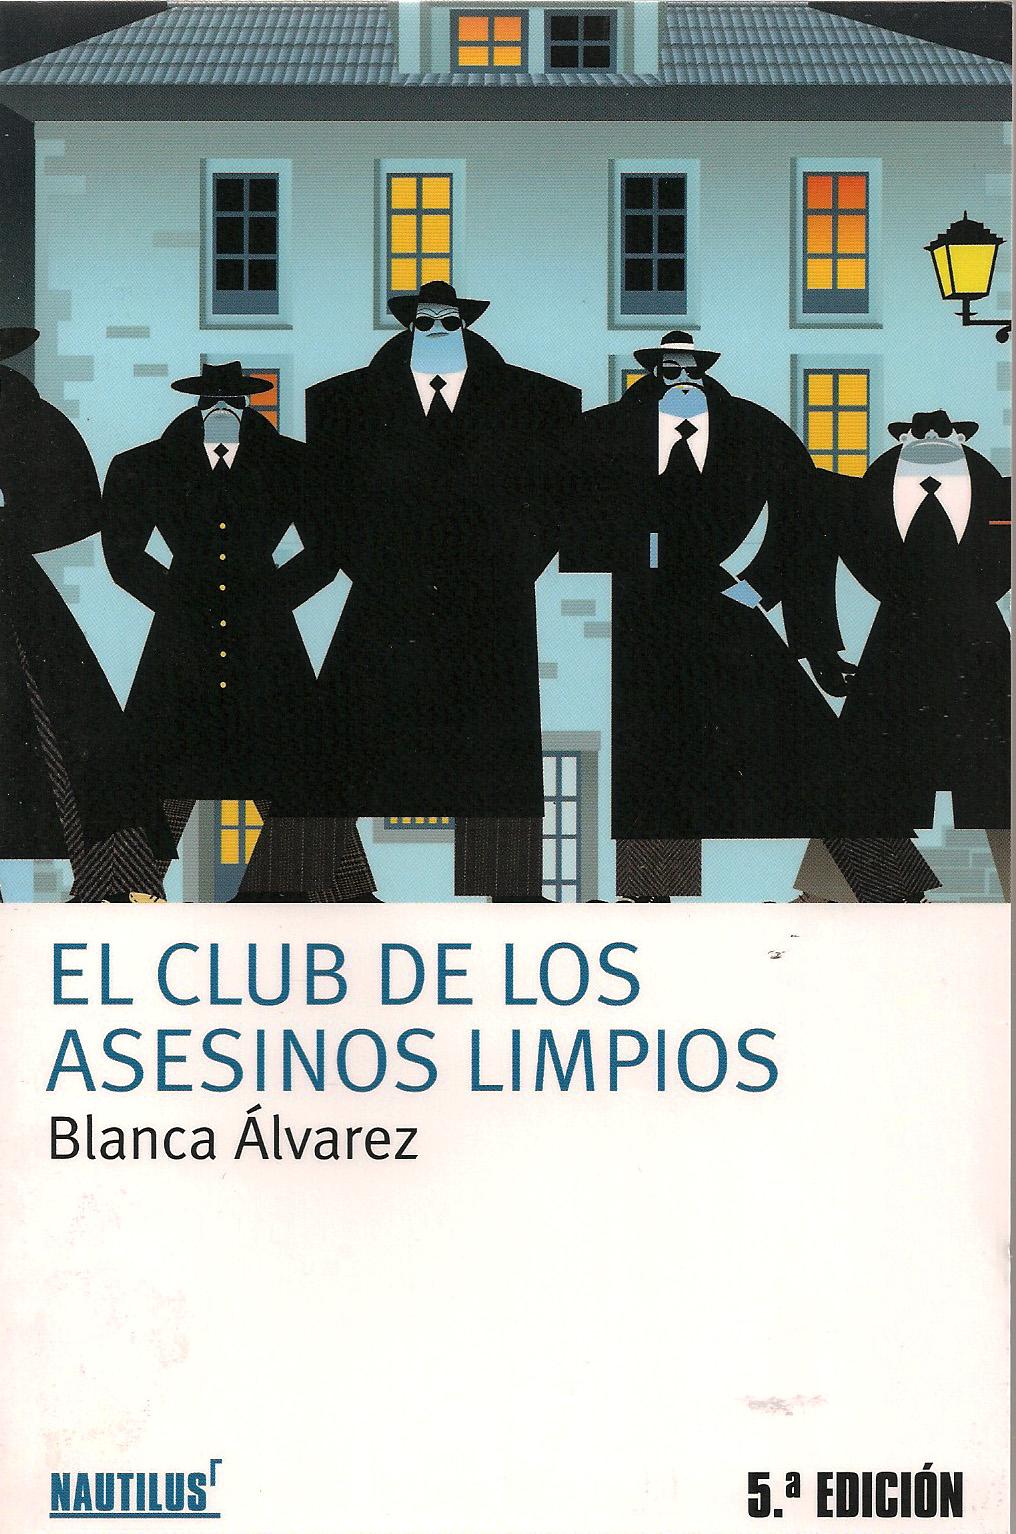 el club de los asesinos limpios: